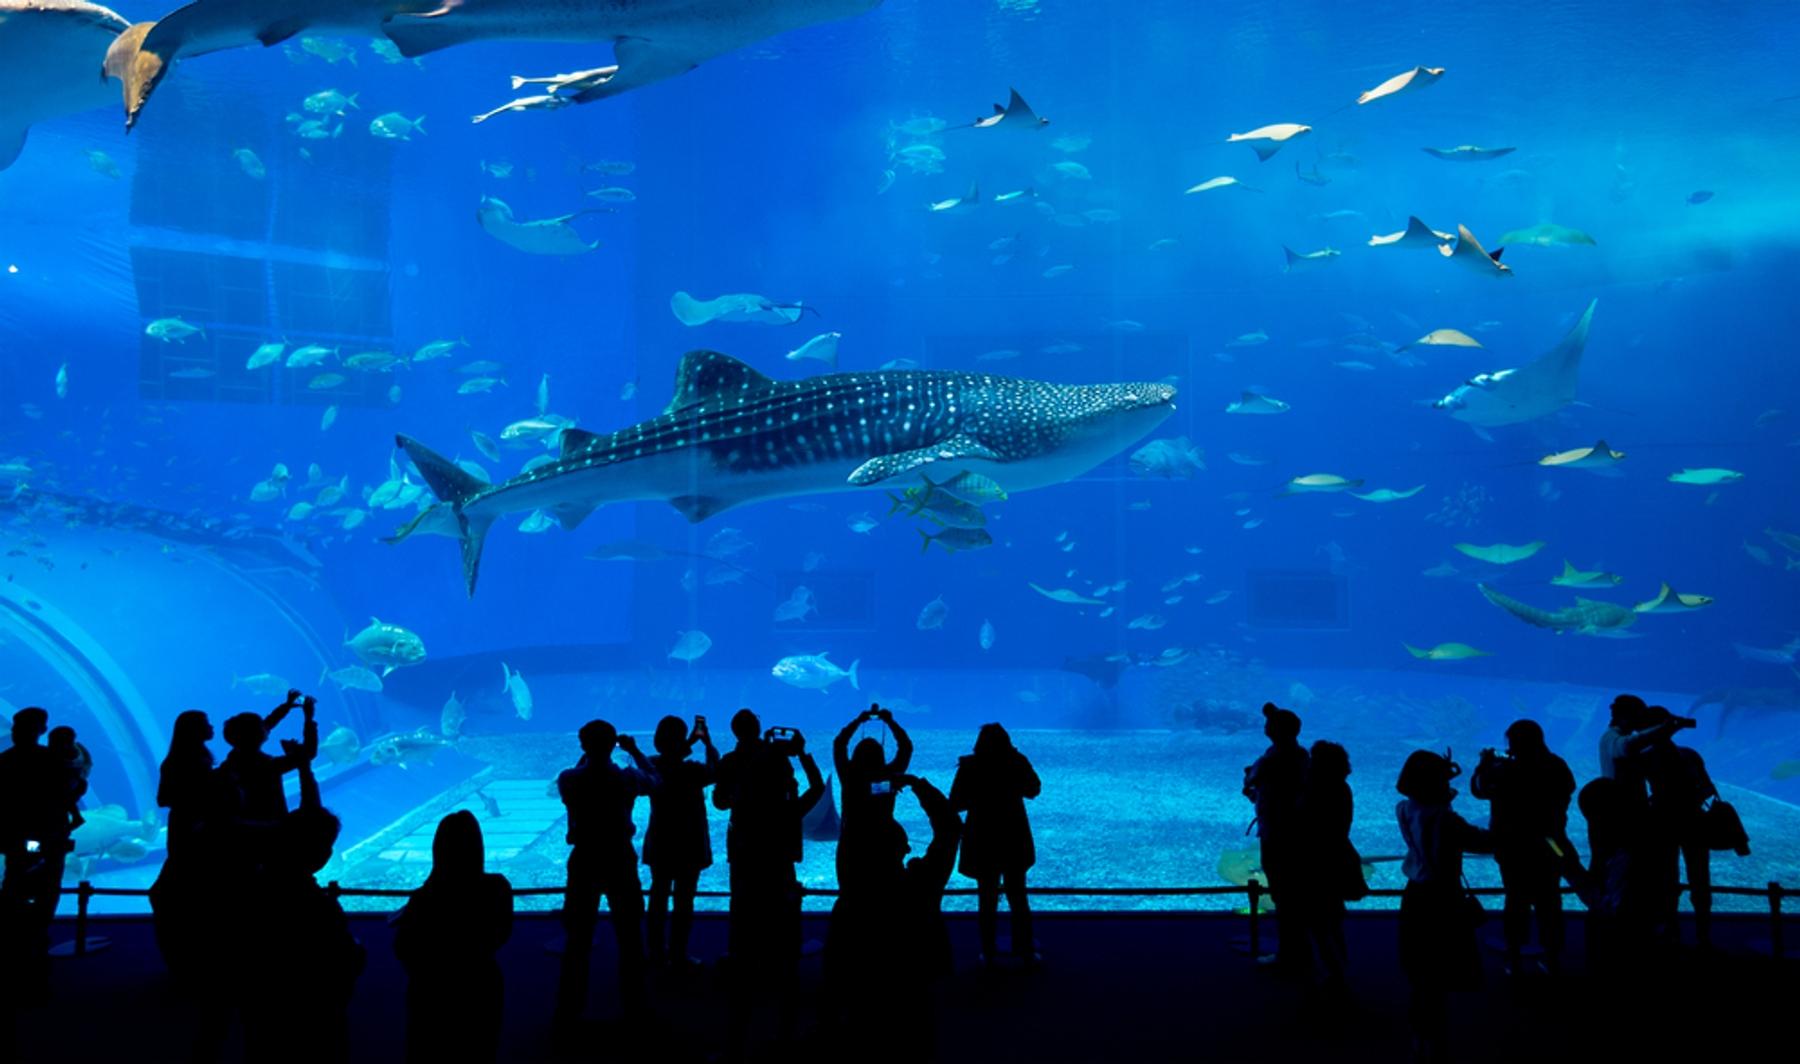 沖縄県 黒潮の魚たちを巨大アクリルパネルから一望でき迫力満点